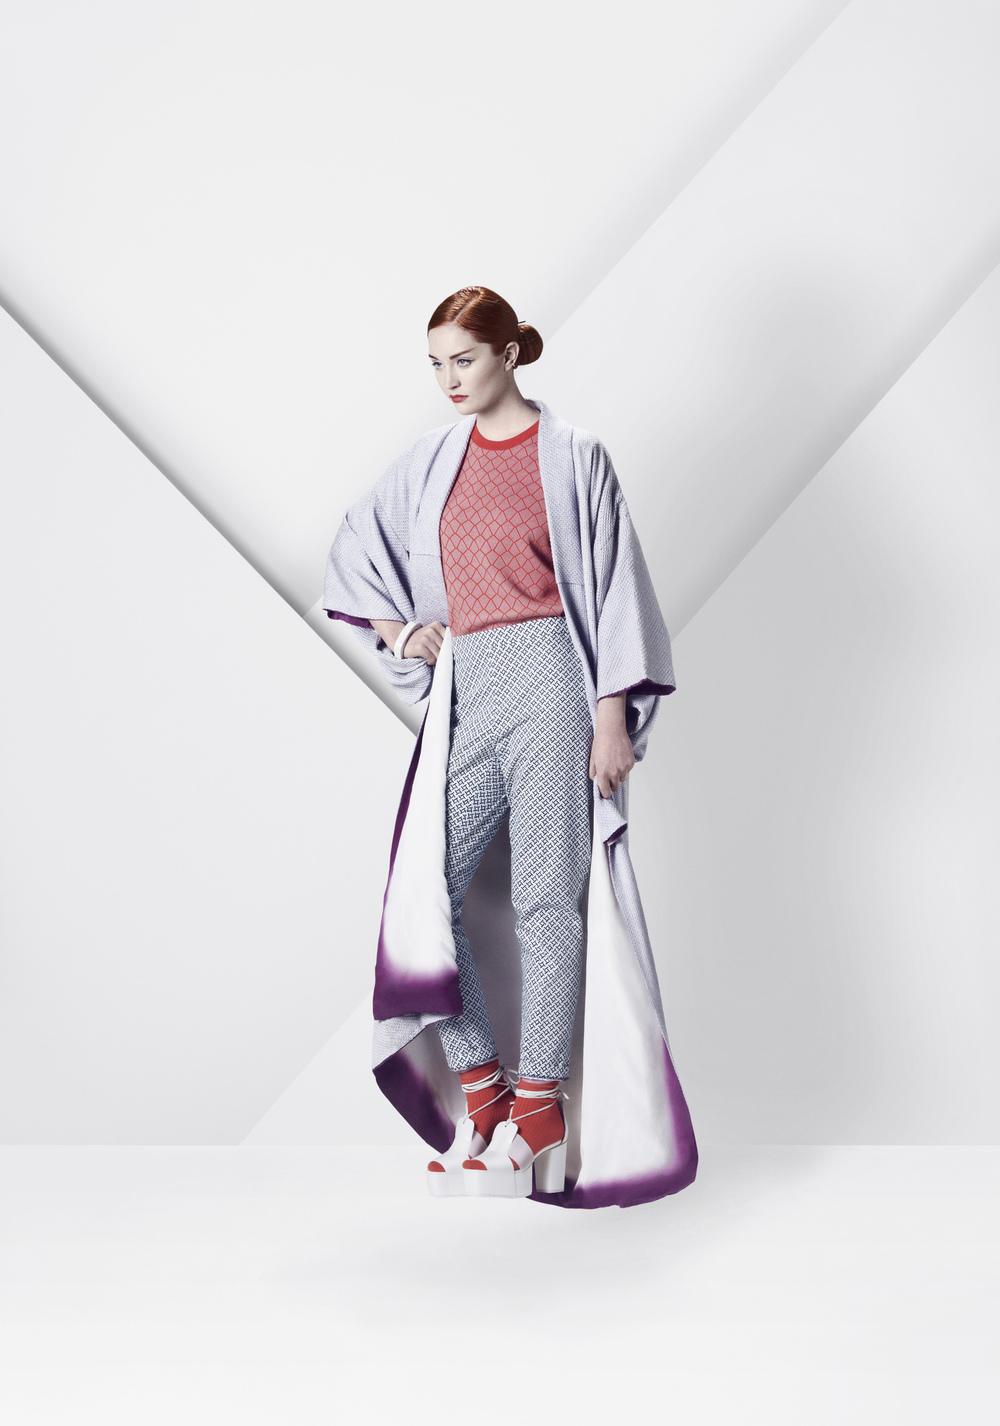 13_3_23_Kimono _0179_F3.jpg